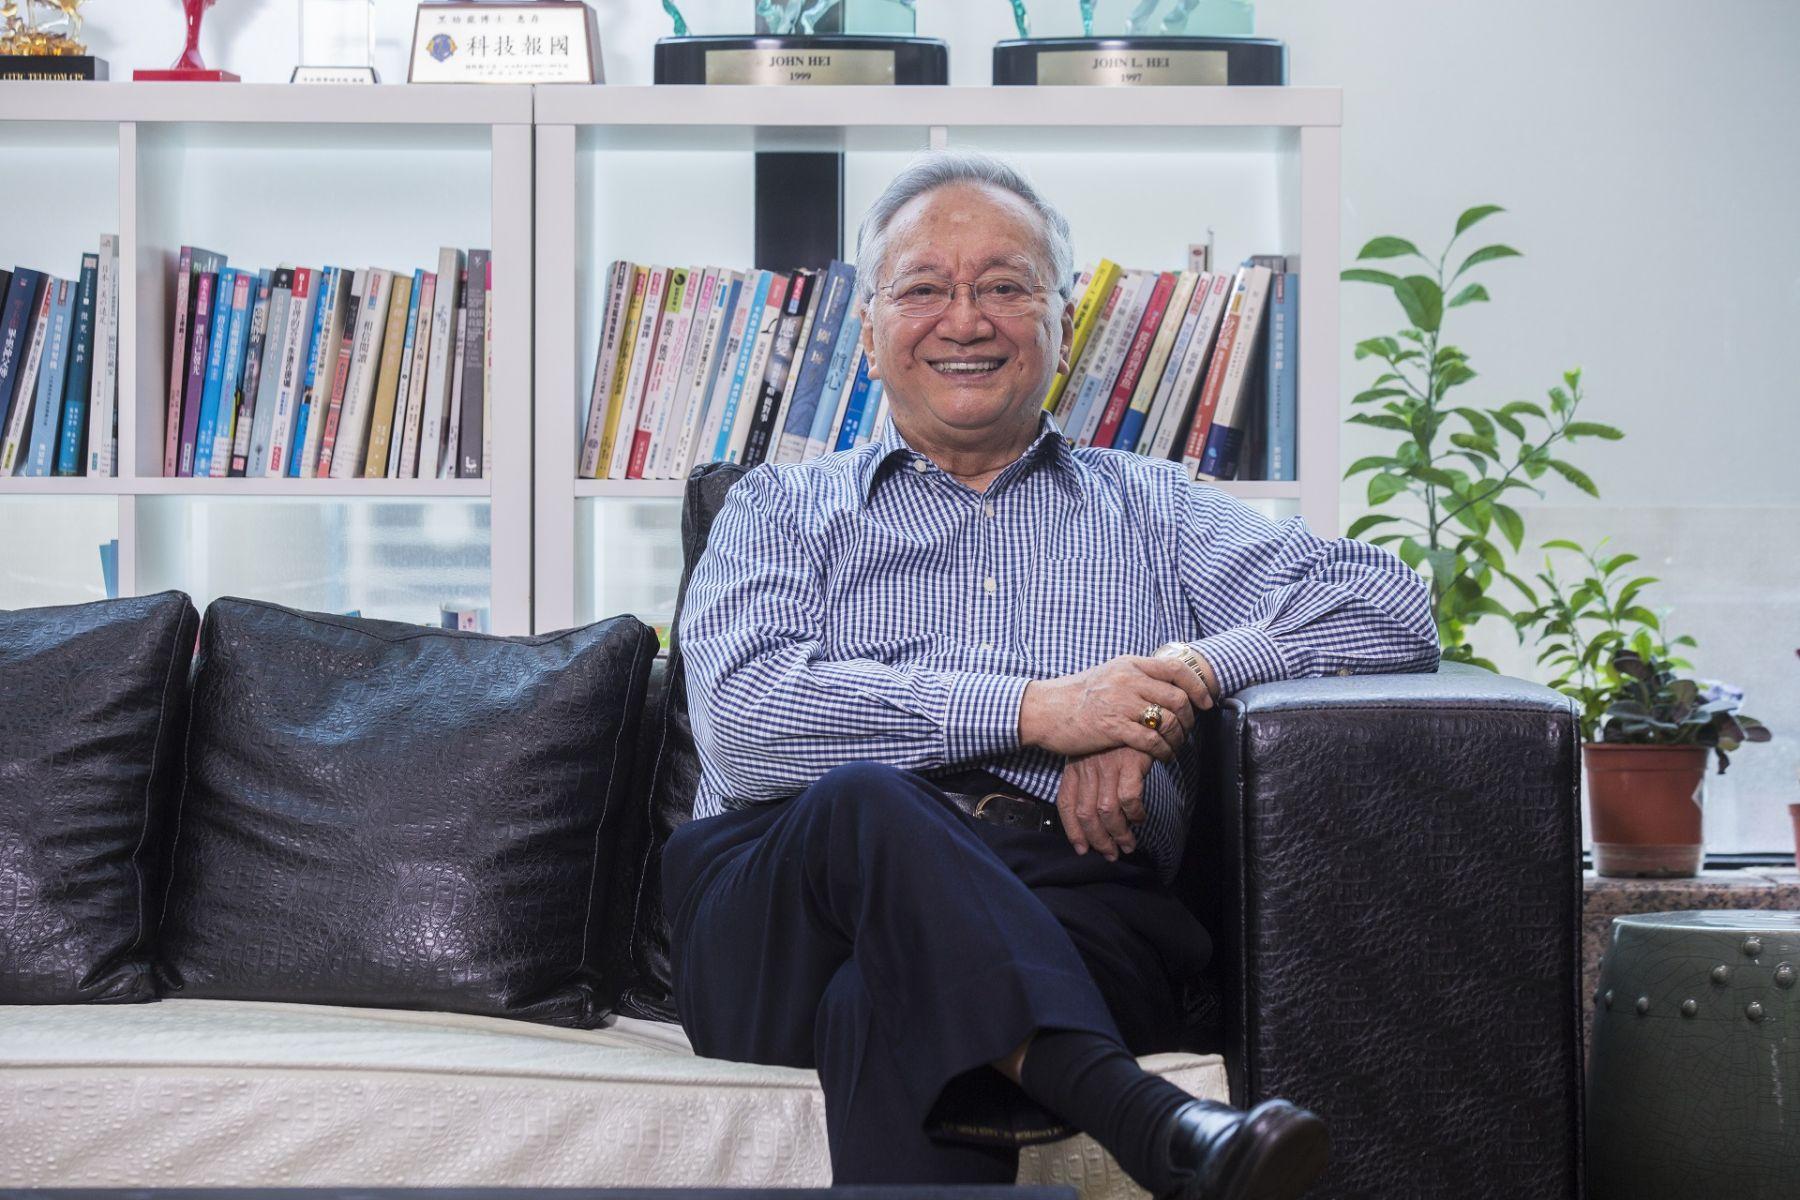 失業大叔翻身成連續27年全球營收冠軍CEO!走過經營低谷 黑幼龍的逆境領導學